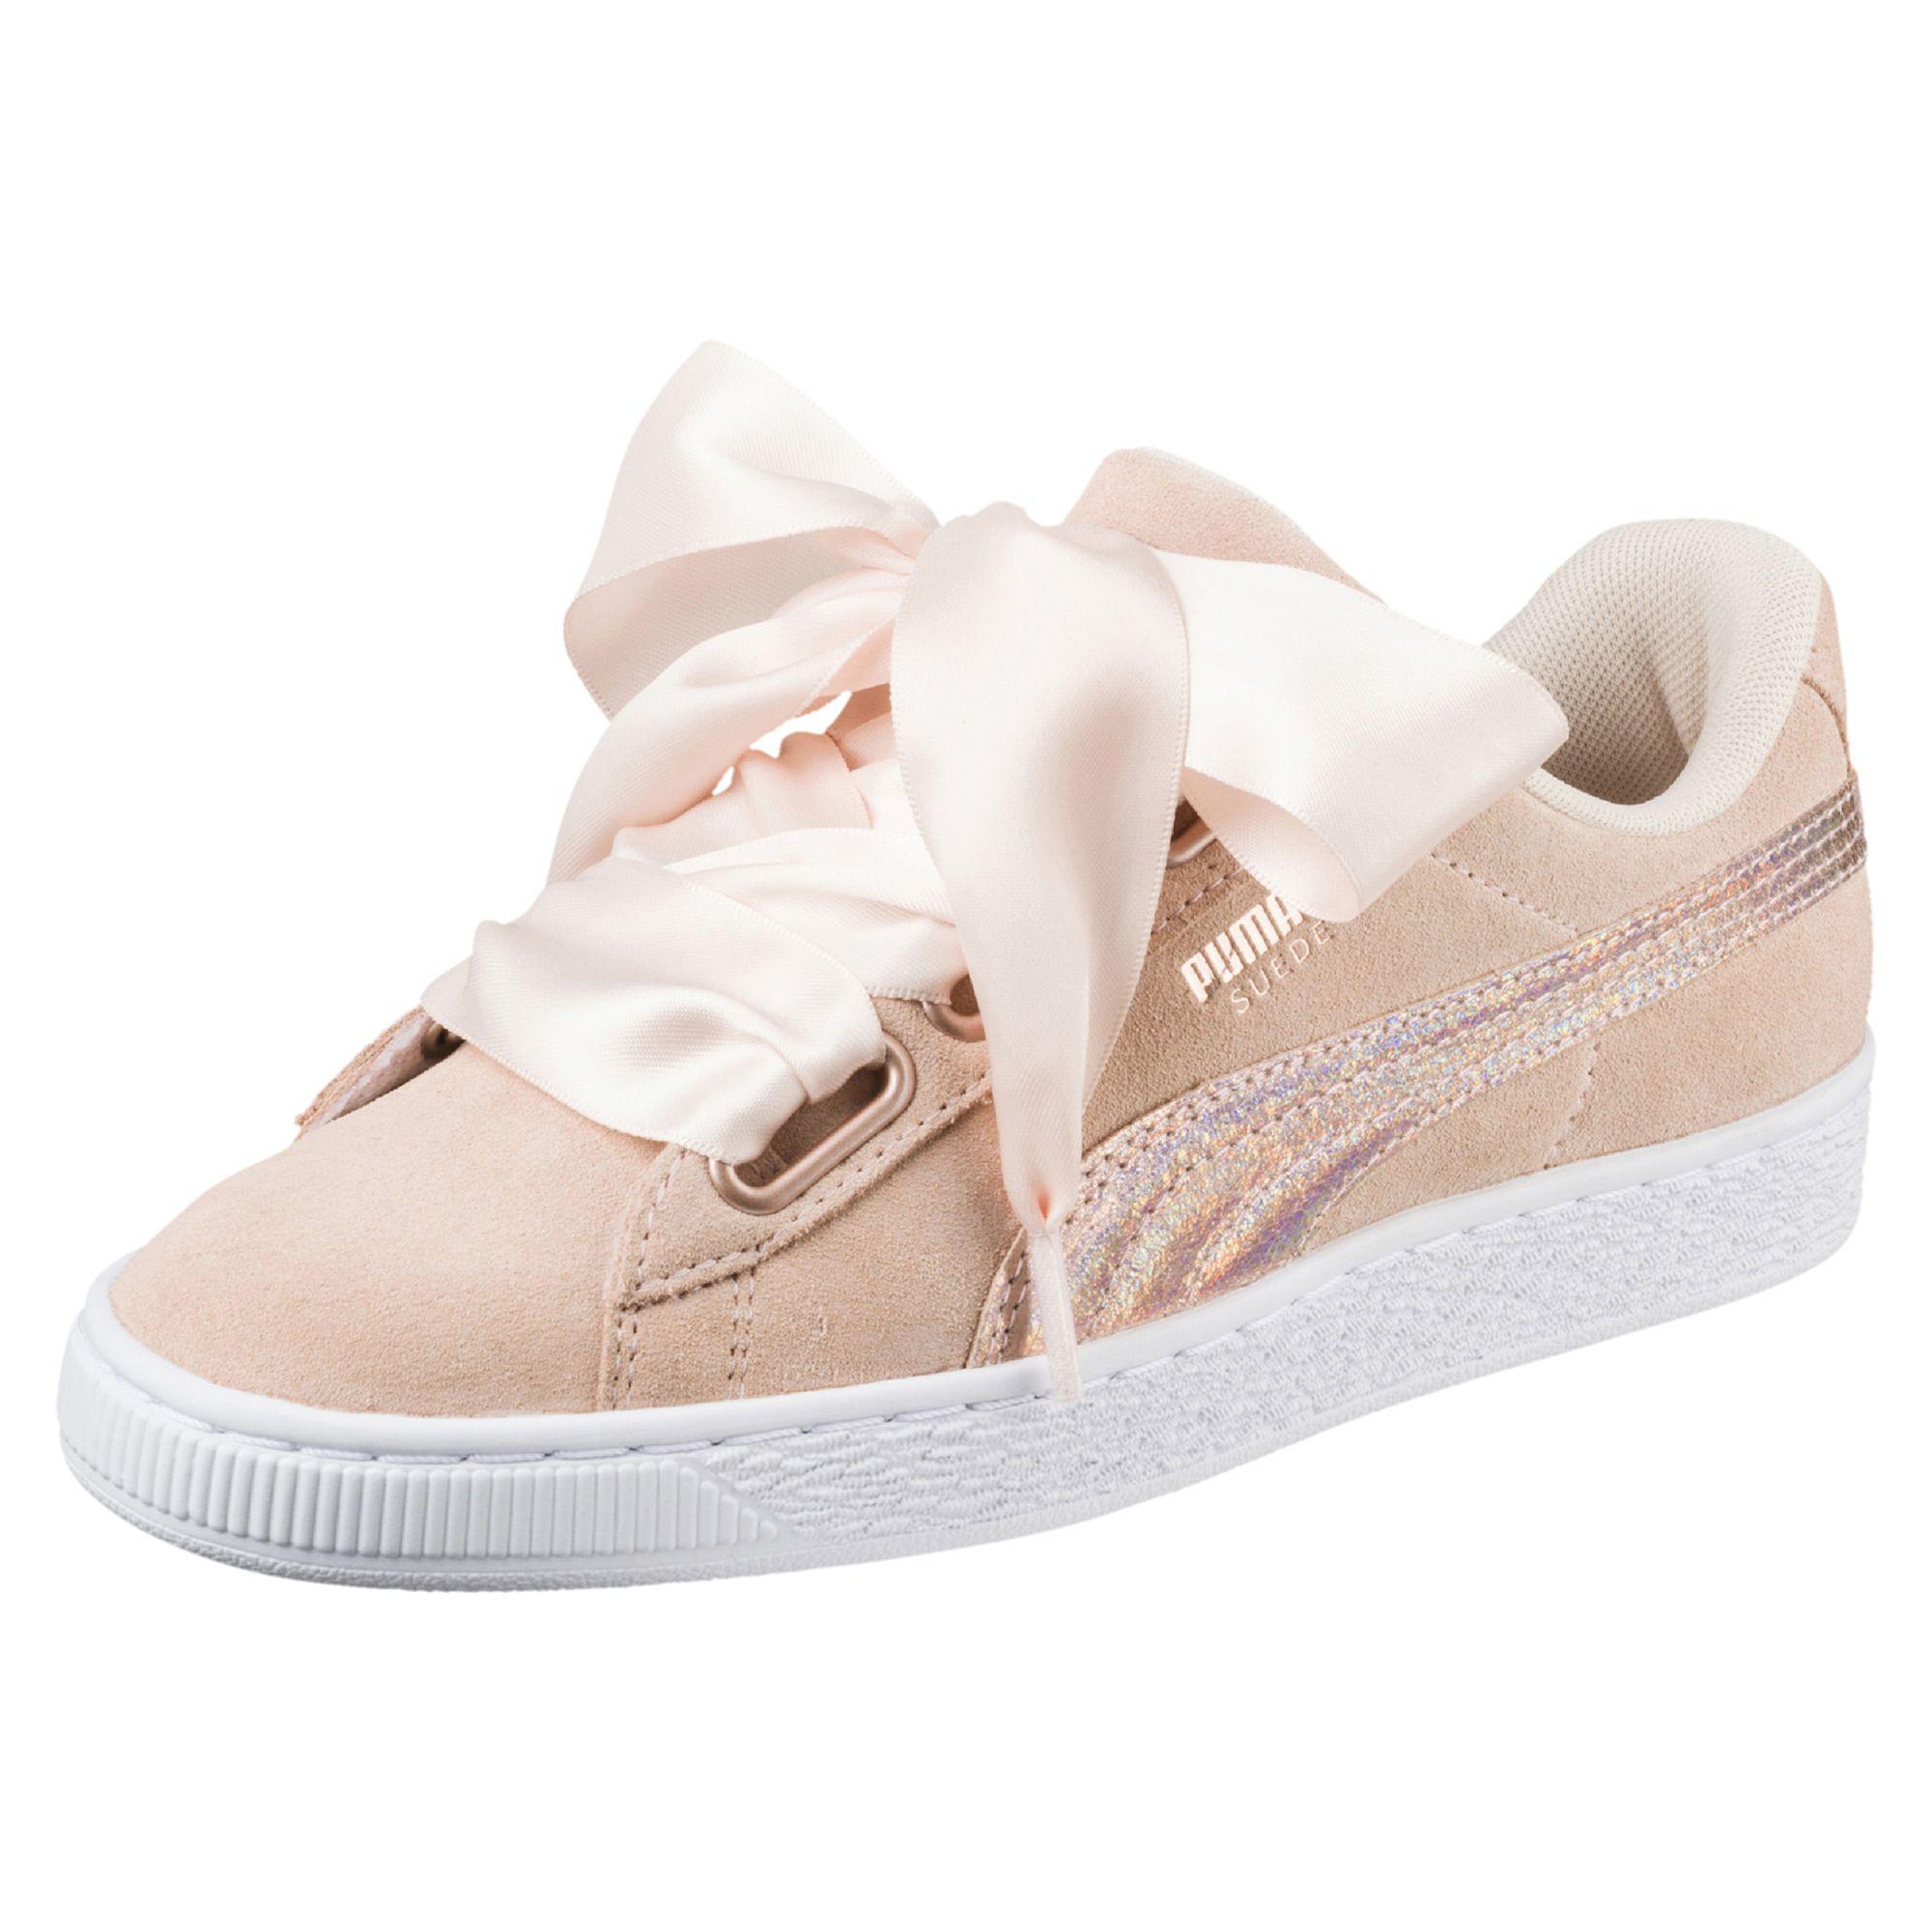 chaussures femme puma beige